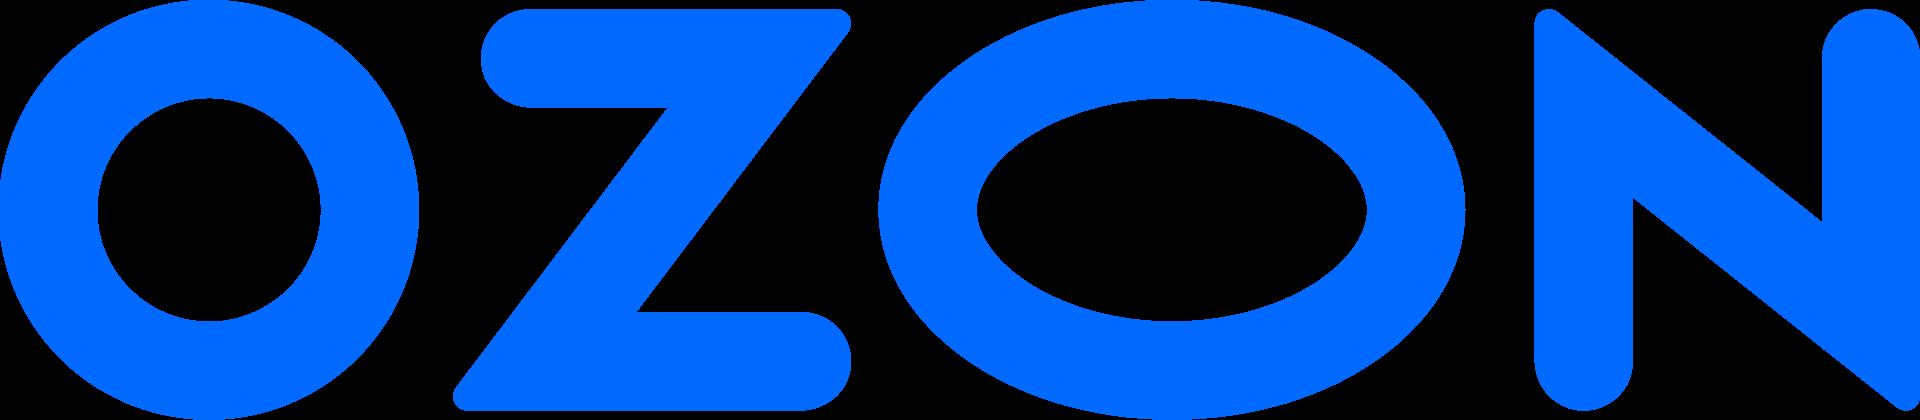 IPO Ozon Holdings PLC (OZON)